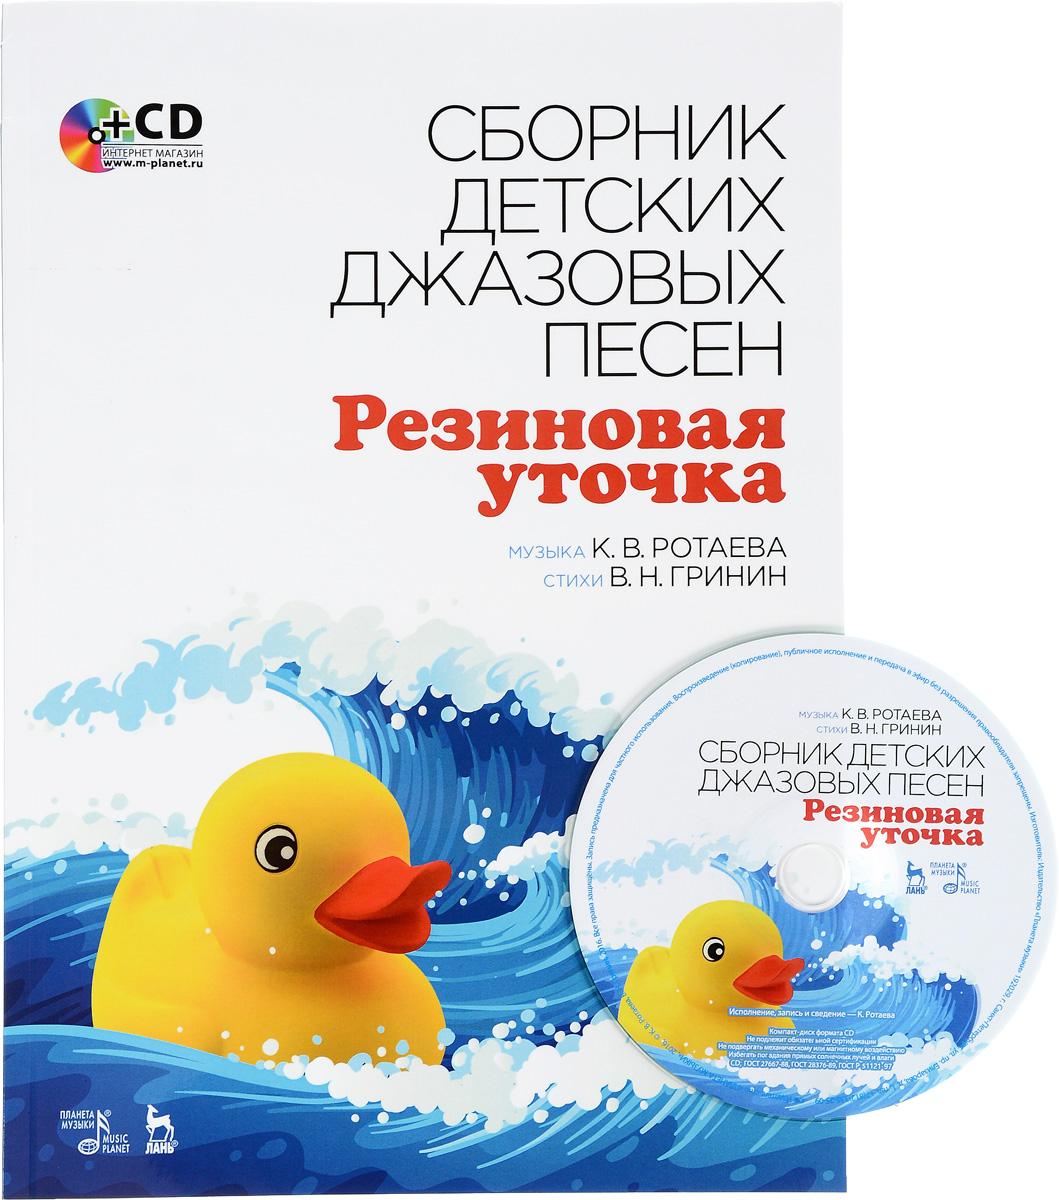 Collection of Children's Jazz Songs Rubber Duck: Textbook / Сборник детских джазовых песен Резиновая уточка (+ CD) сборник jazz – 100 самых знаменитых джазменов cd